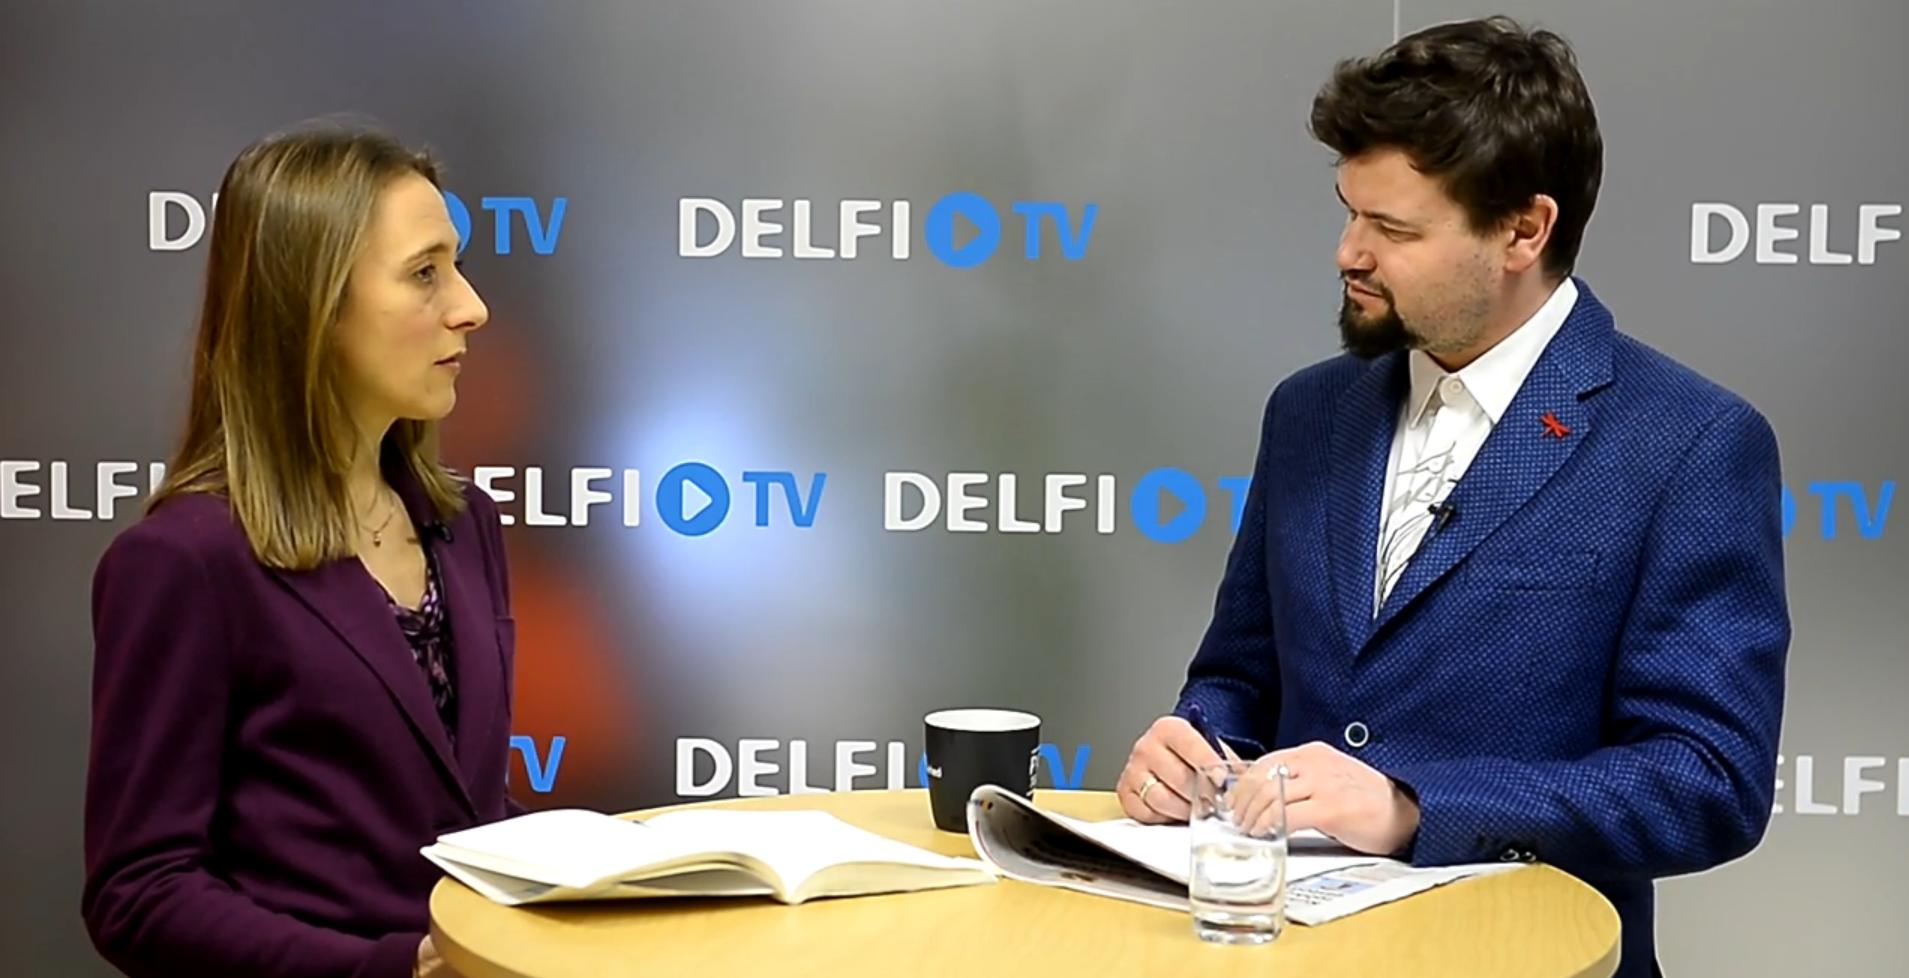 Image for Сегодня на выборах: по вопросам оказания помощи Украине партии не должны заниматься руководством на микроуровне